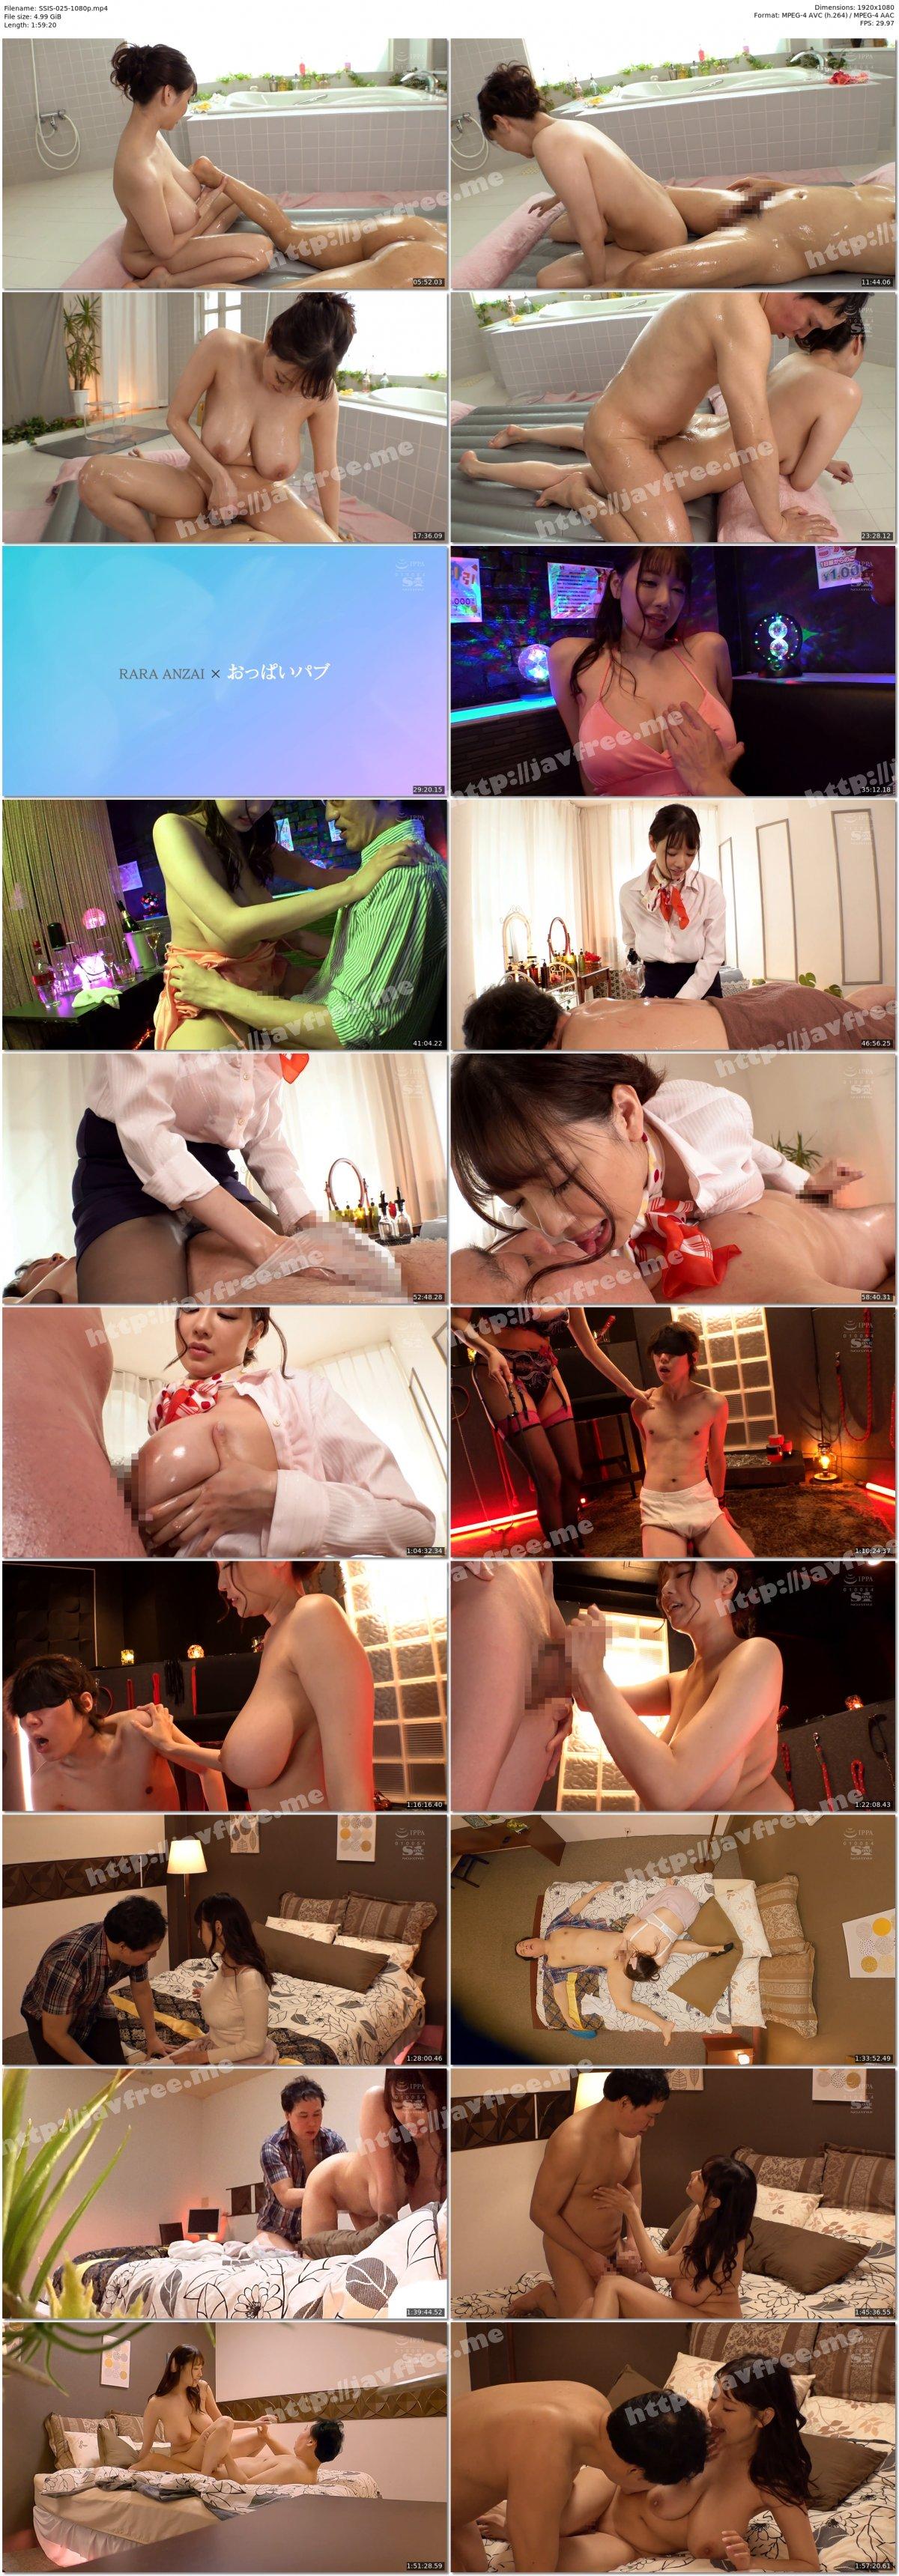 [HD][SSIS-025] 神の乳を持つスーパー風俗嬢 安齋らら - image SSIS-025-1080p on https://javfree.me